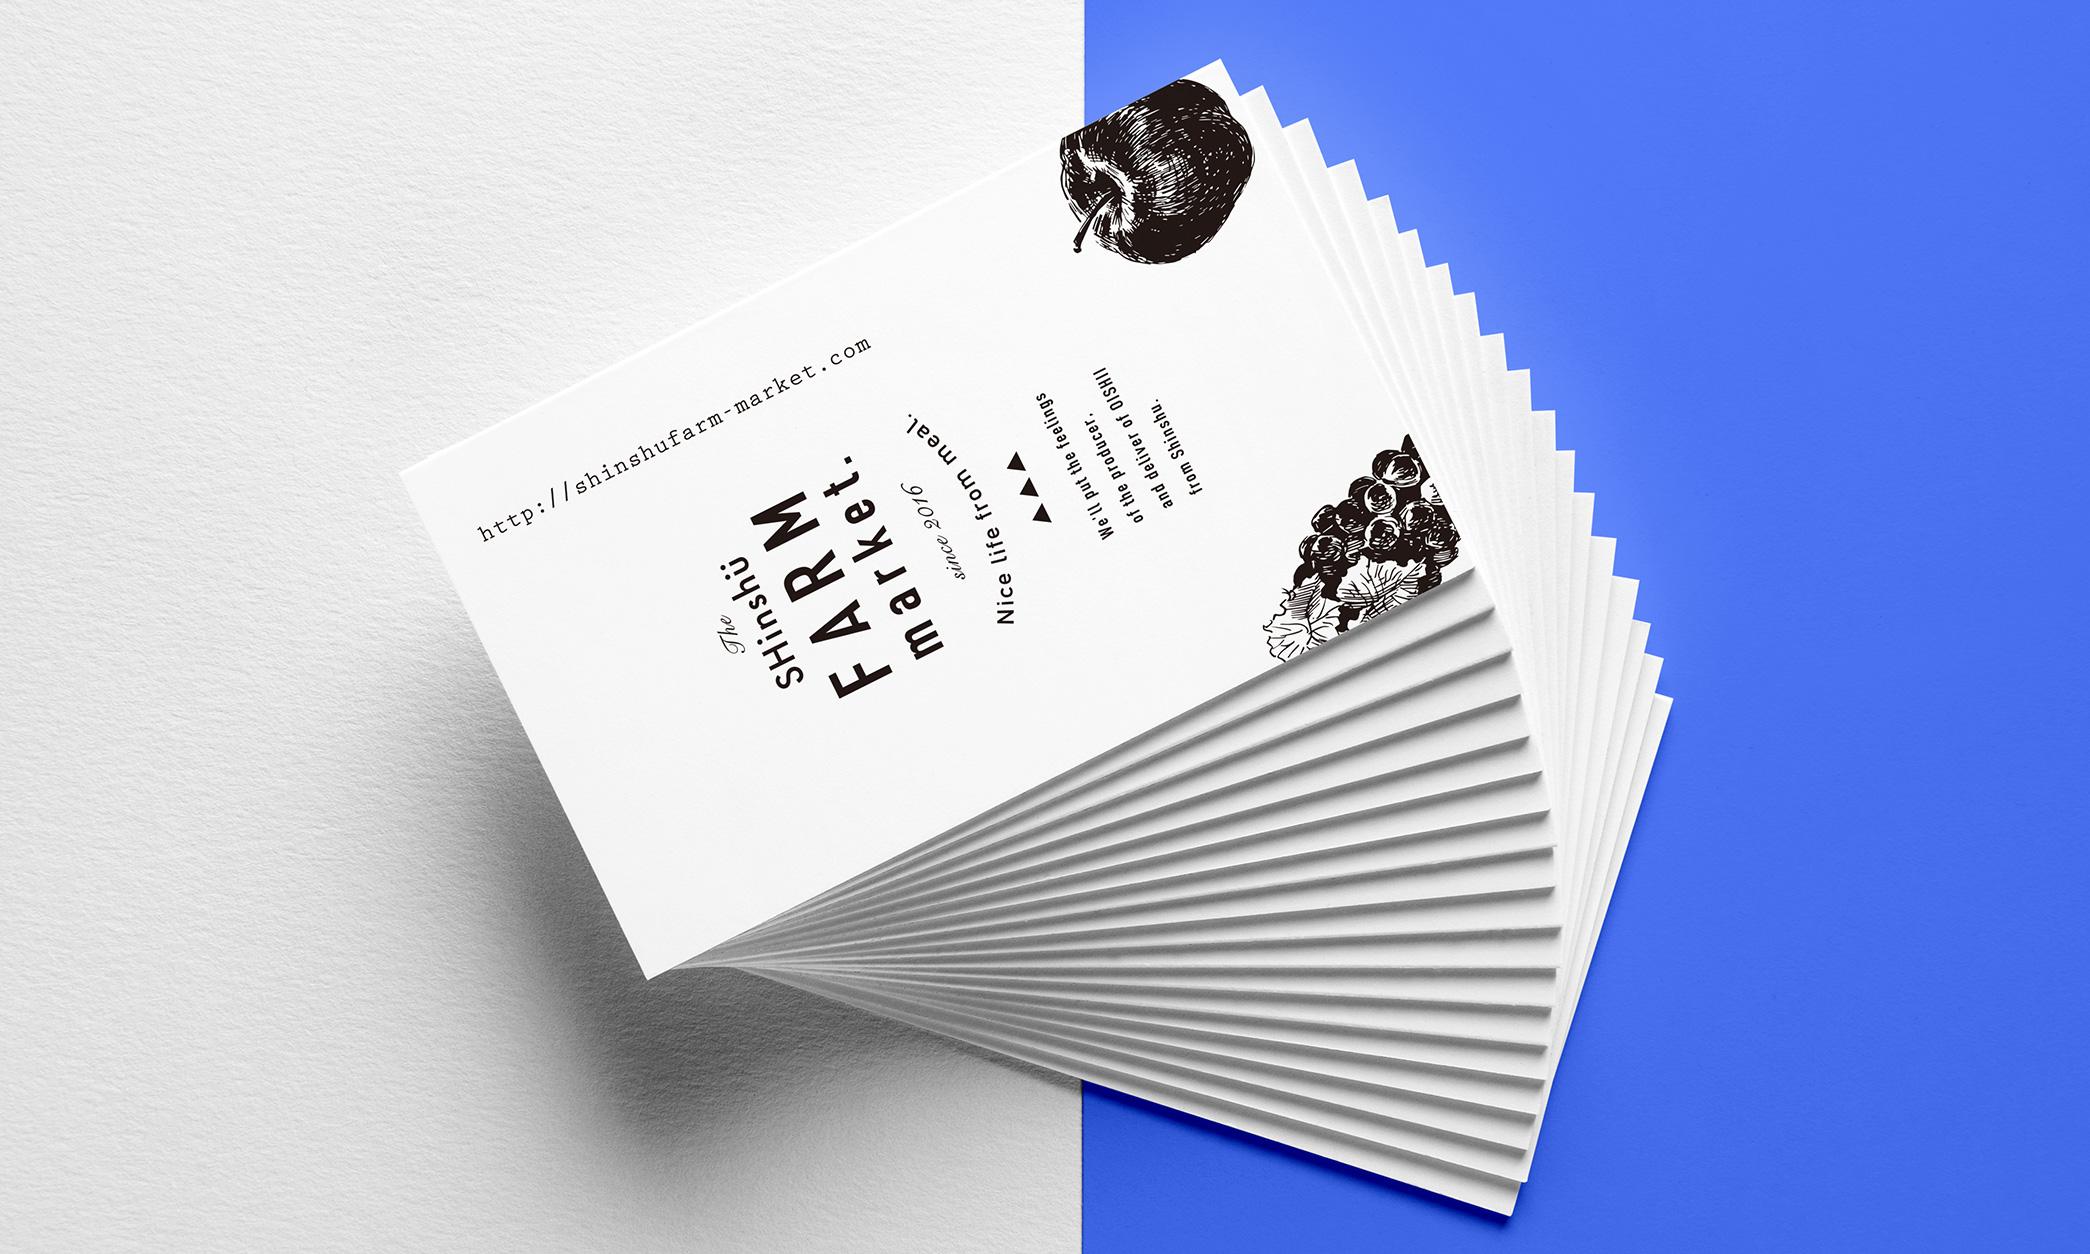 ショップカード制作|長野(長野市・松本市)・東京・金沢(石川)のデザイン事務所 アプリコットデザイン